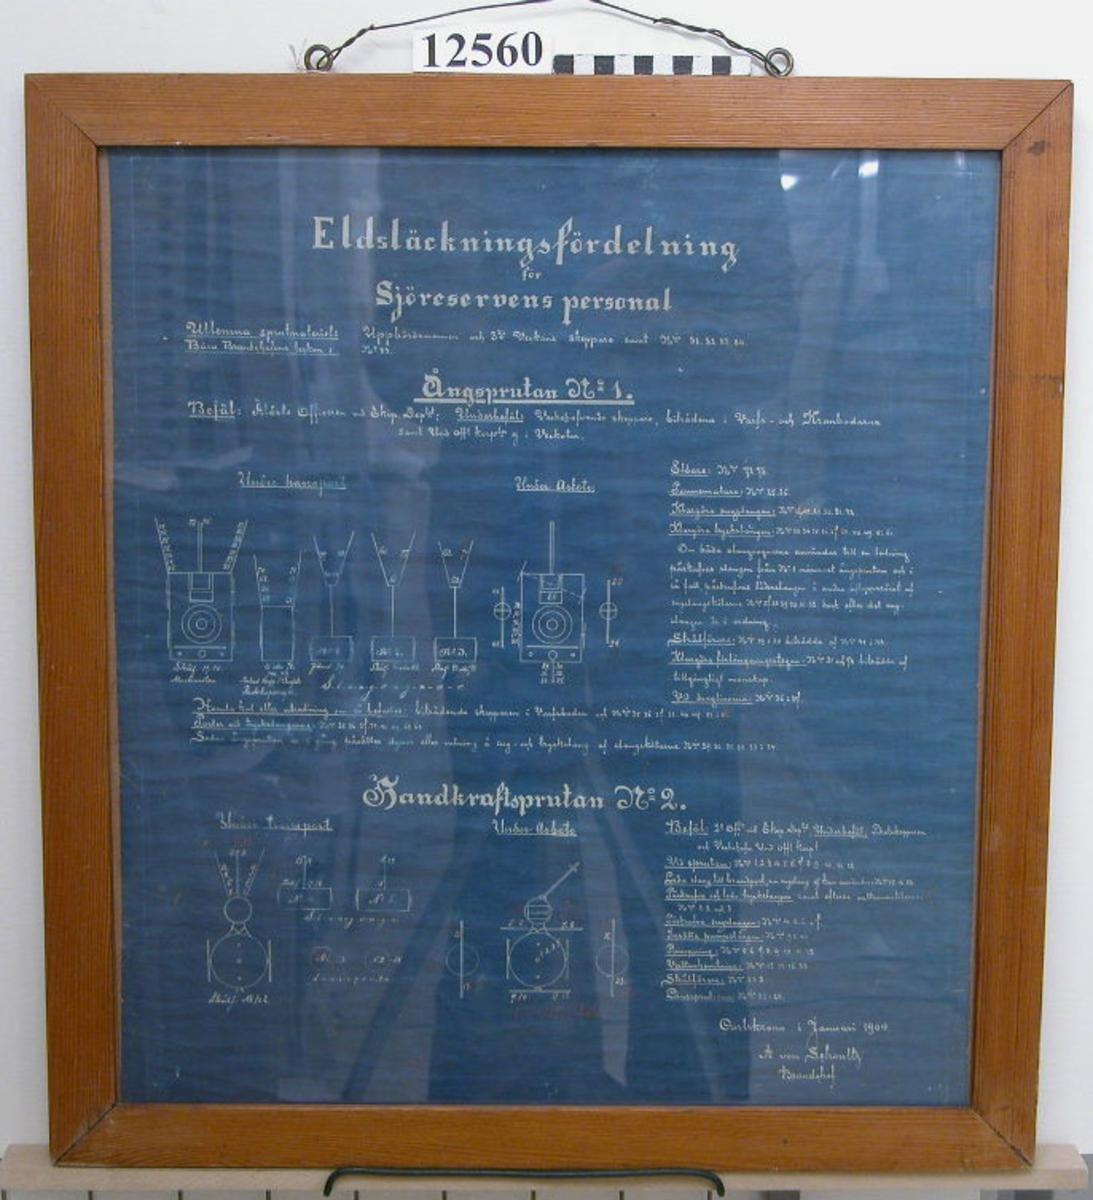 Eldsläckningsfördelning för sjöreservens personal. Daterad: Carlskrona i januari 1904 A. von Schoultz Brandchef Inom glas och ram. Neg.nr 4989